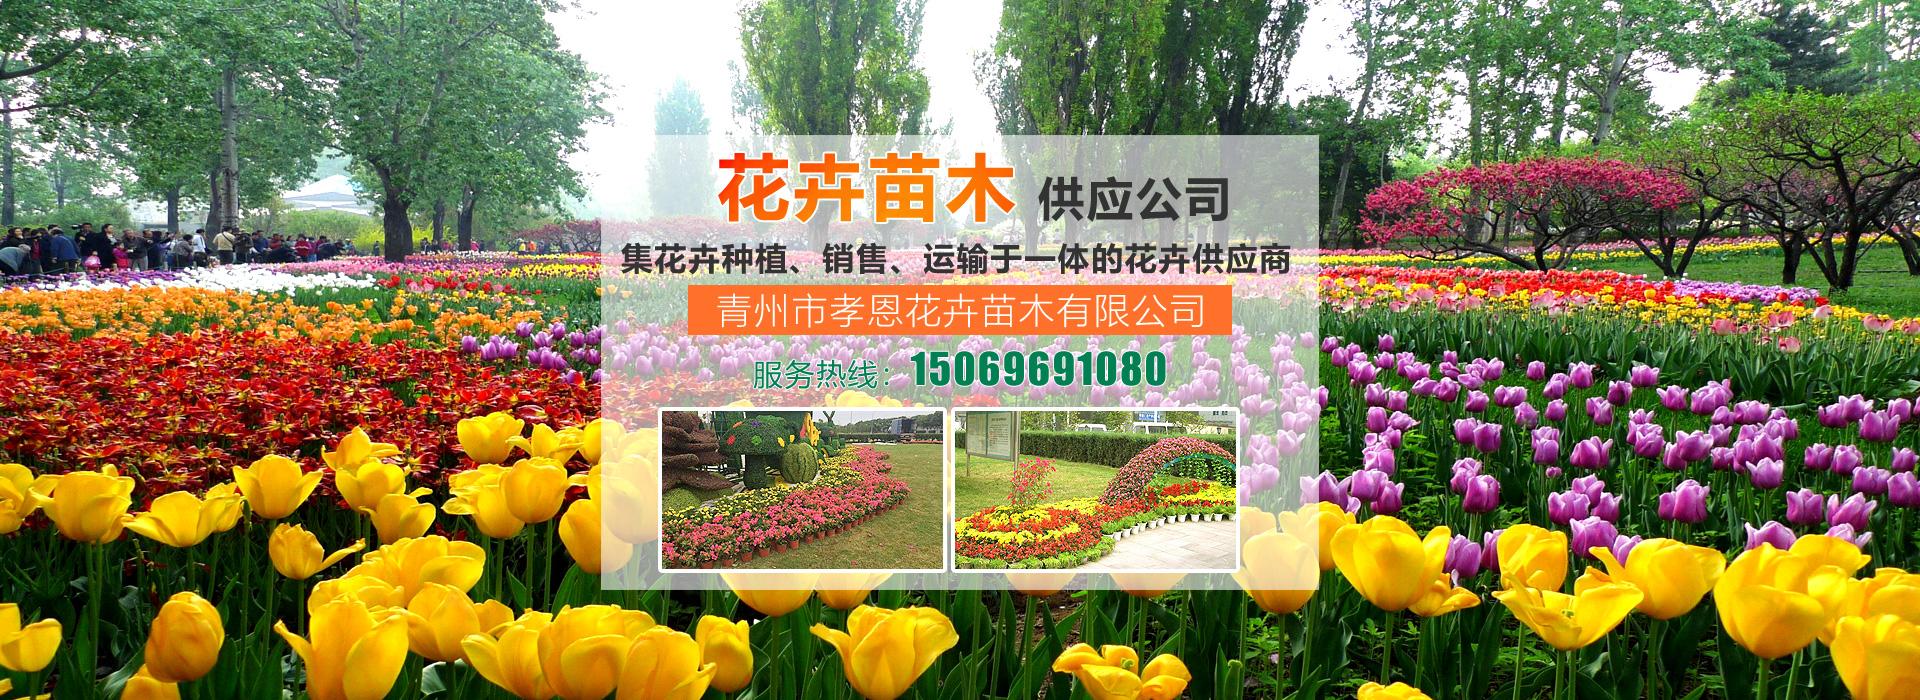 青州市孝恩花卉苗木有限公司